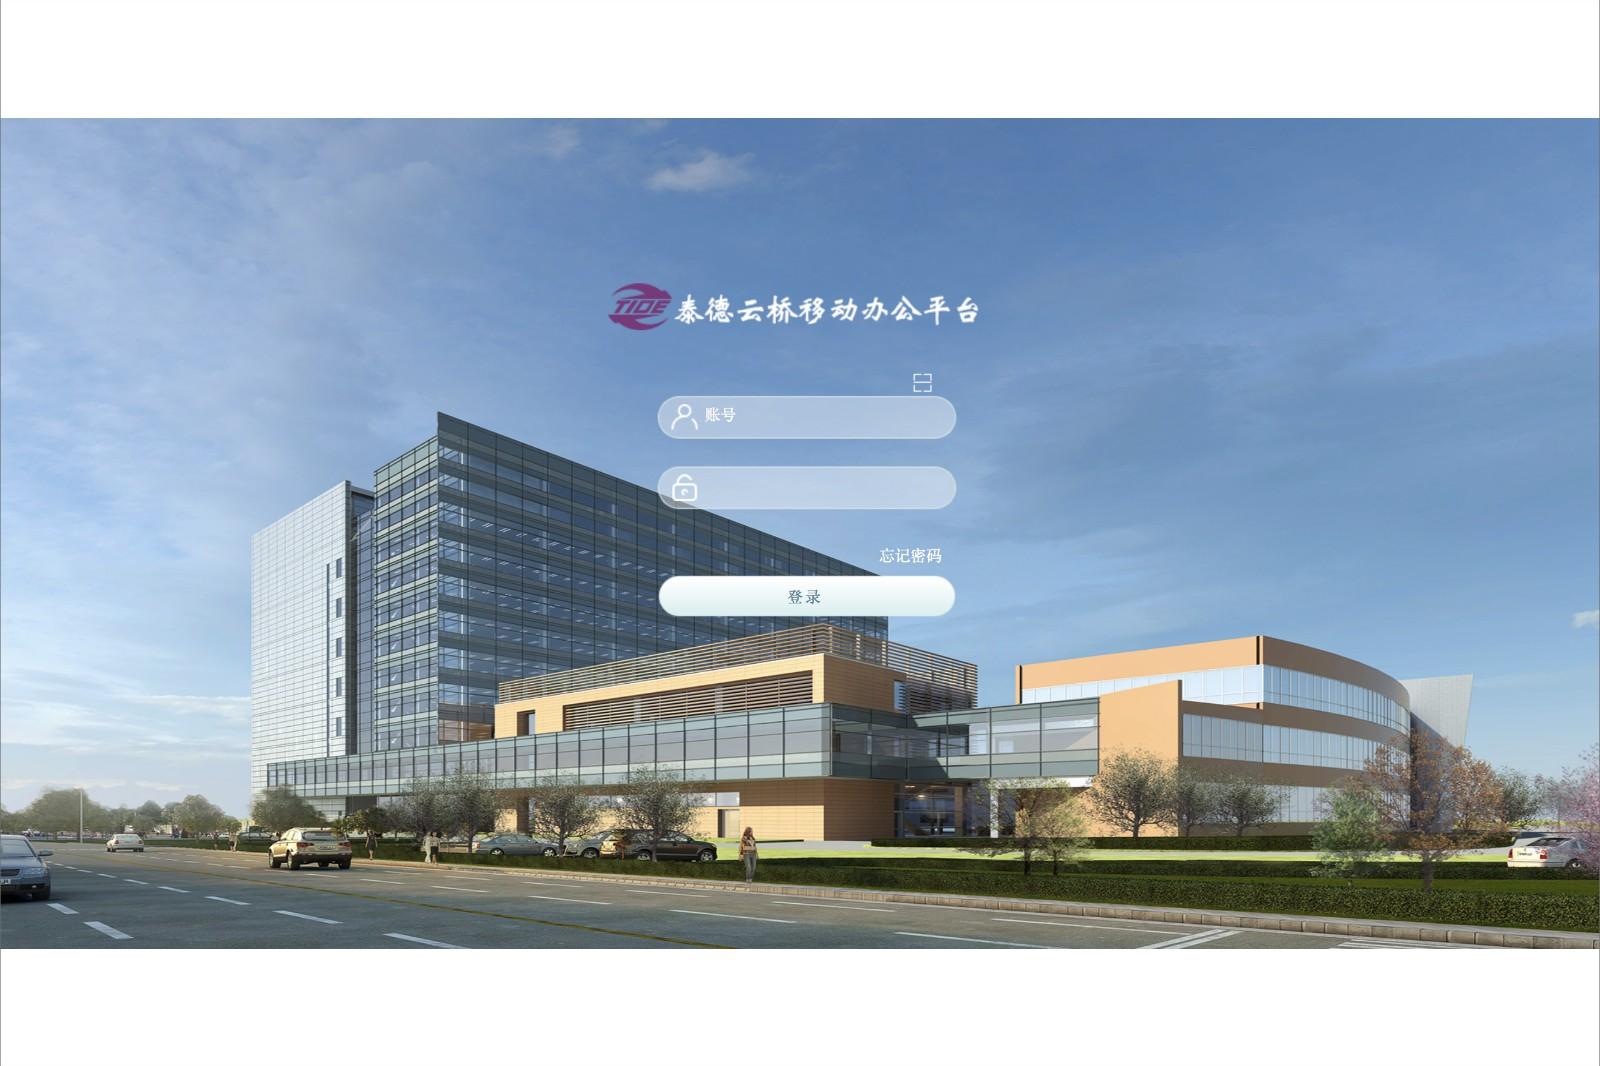 北京泰德制药股份有限公司泛微OA系统项目验收